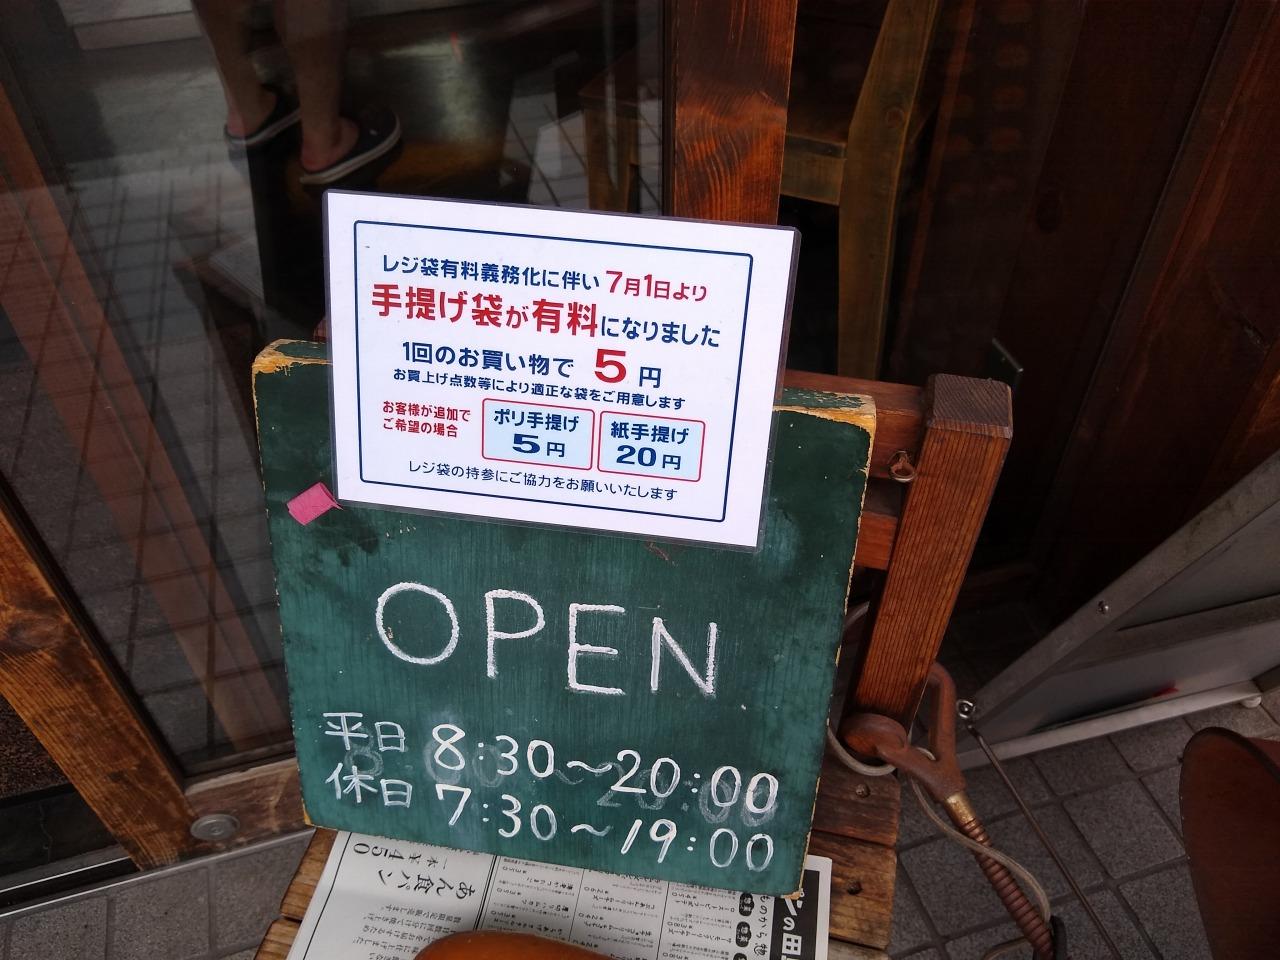 パンの田島綱島店営業時間とレジ袋値段